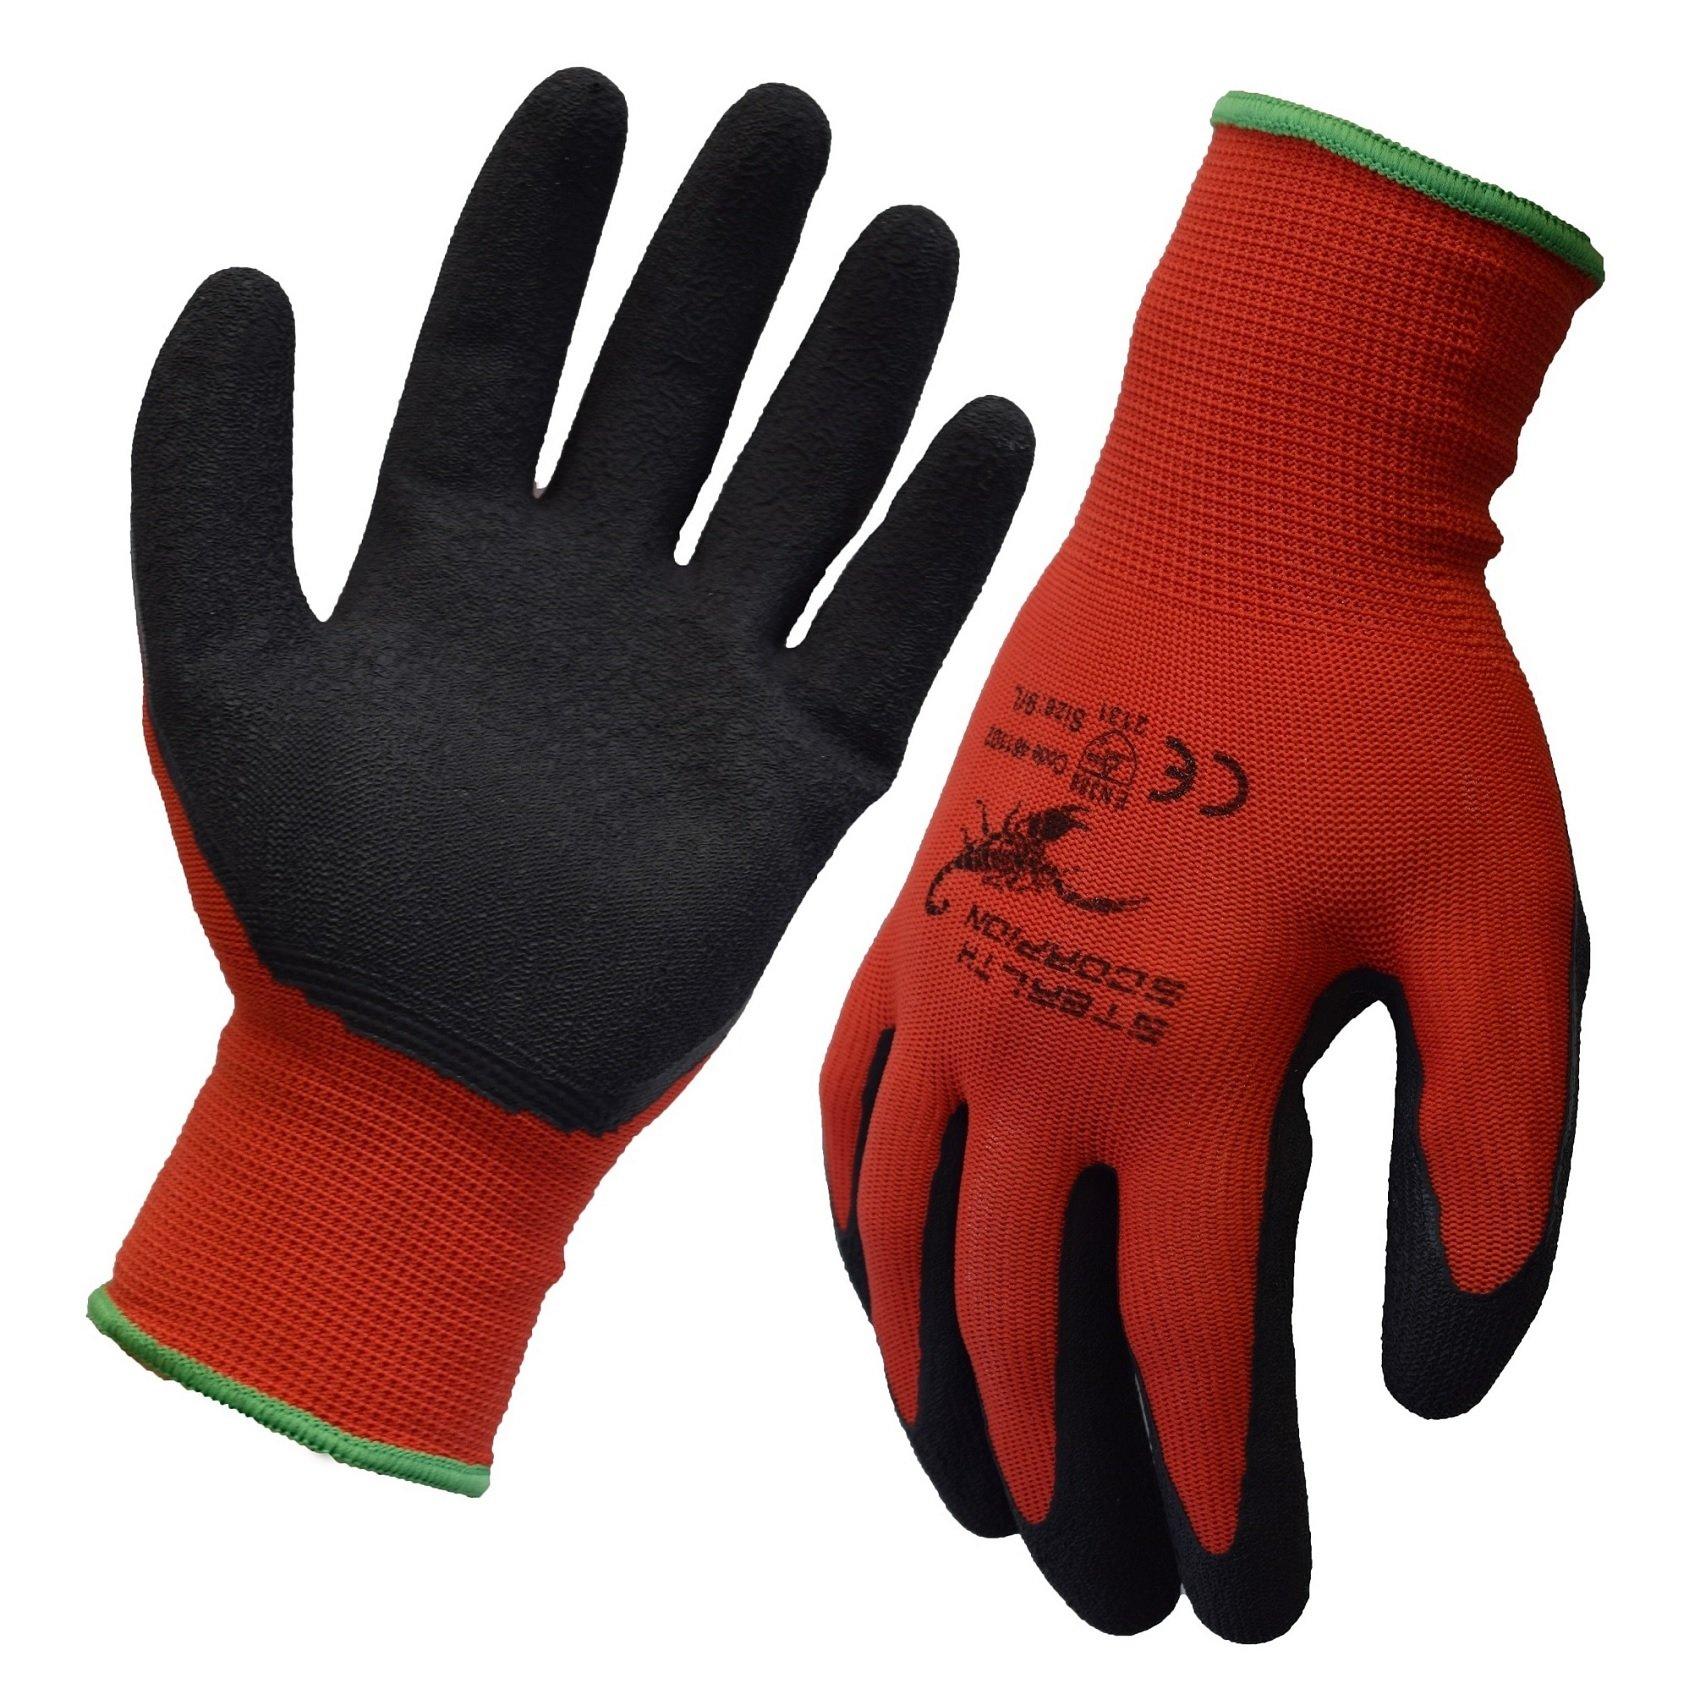 Stealth Scorpion Glove